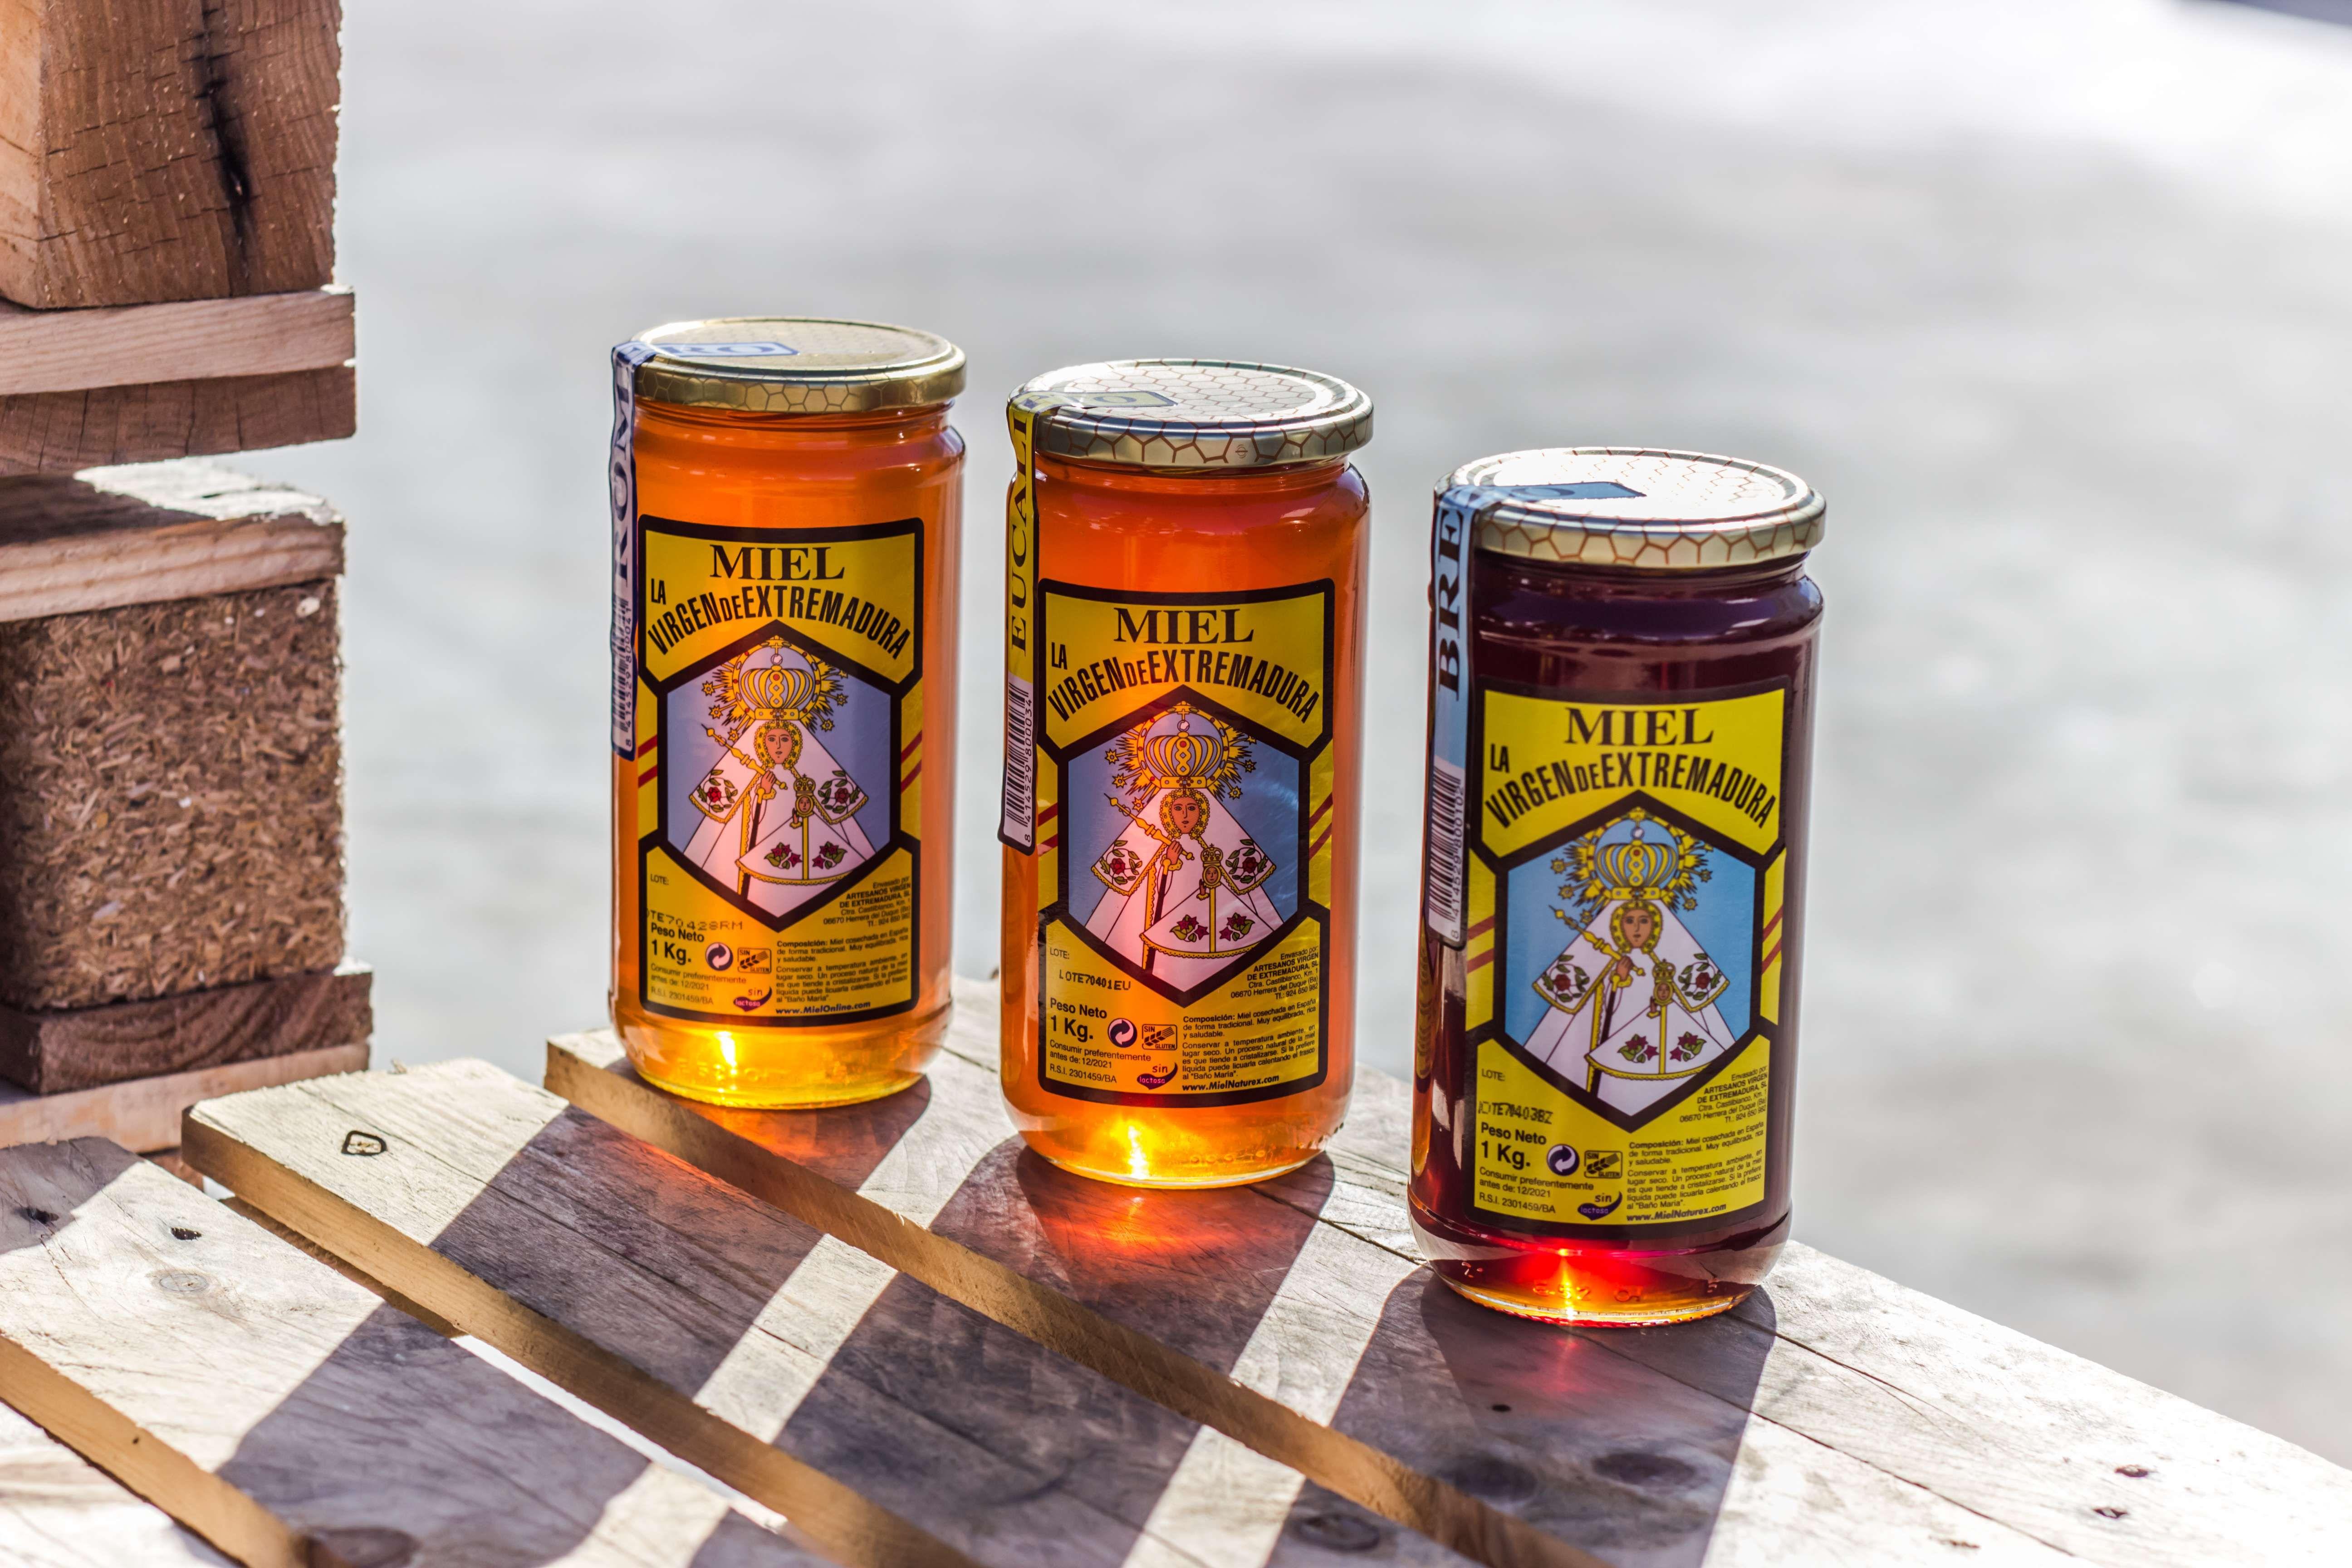 Foto 40 de Venta de miel, productos dietéticos y cosmética natural en Herrera del Duque | Miel Virgen de Extremadura